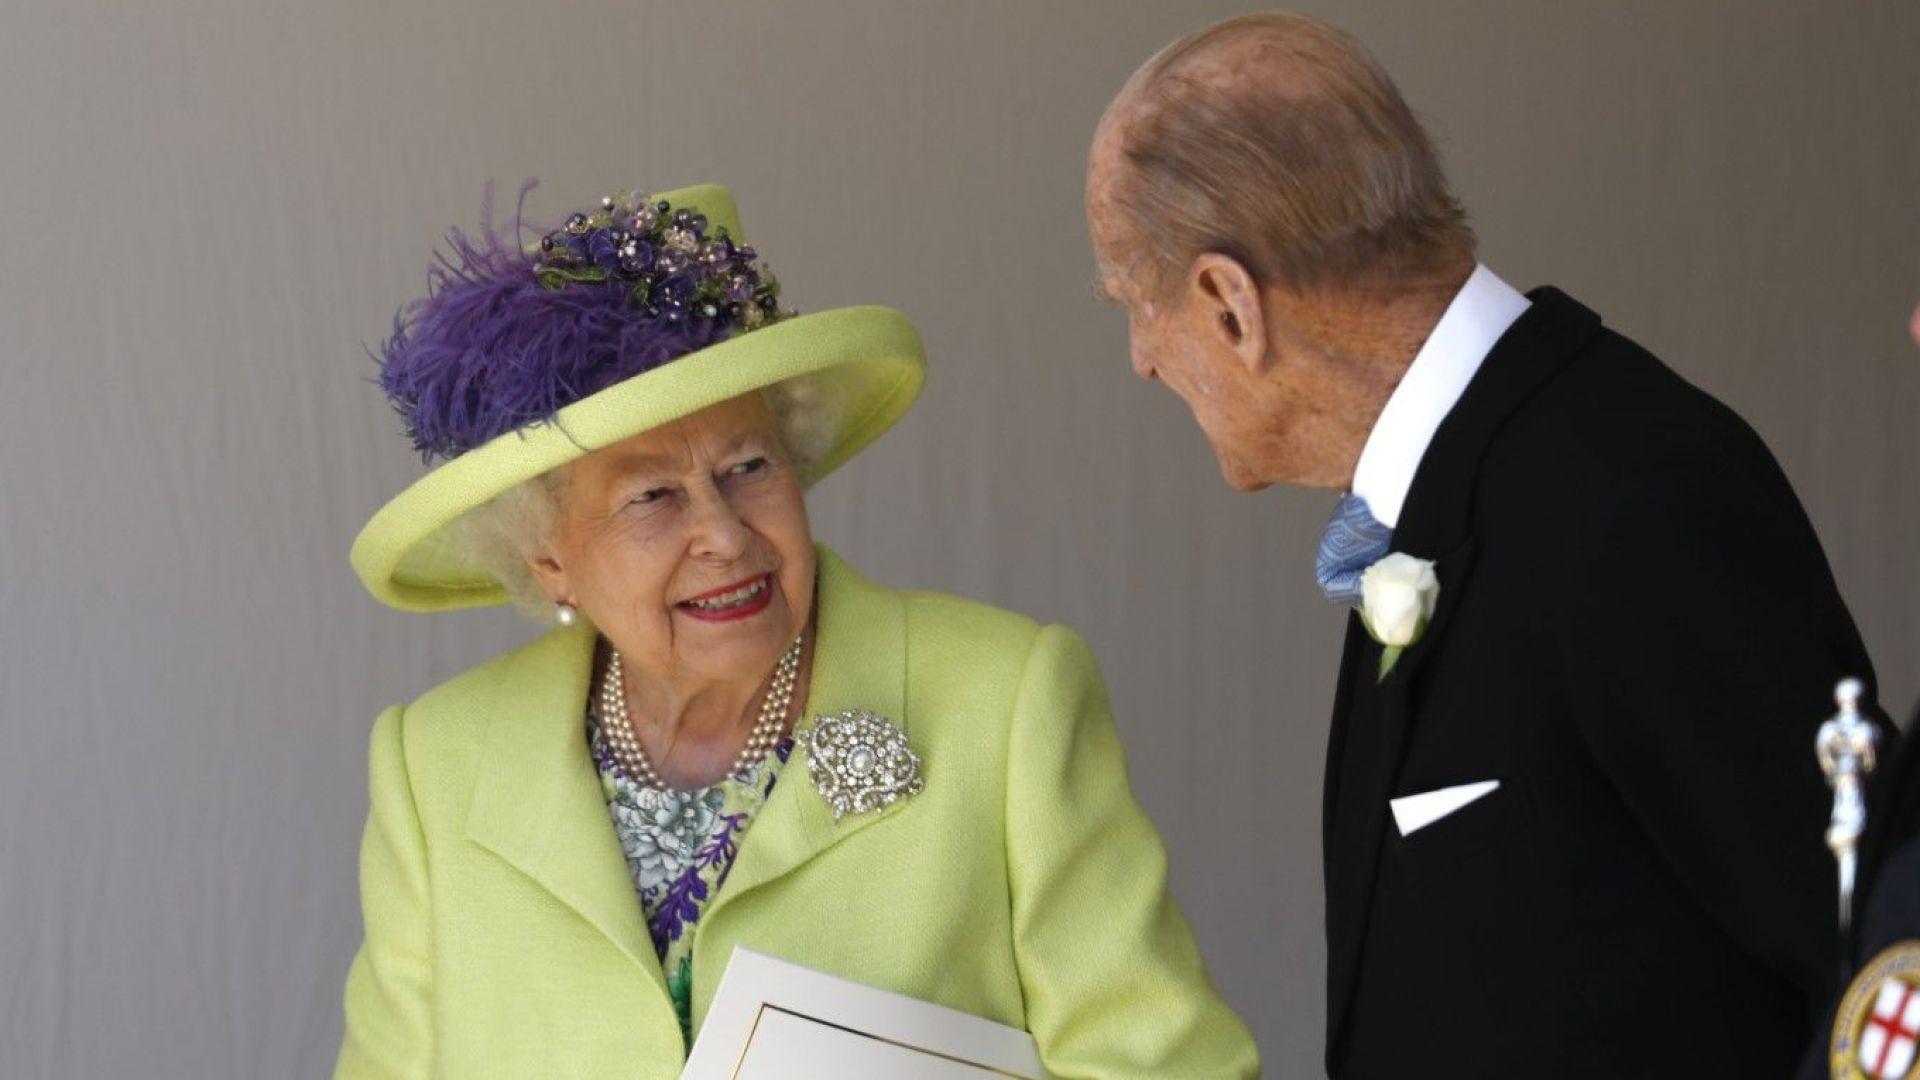 Кралица Елизабет II е претърпяла очна операция през май